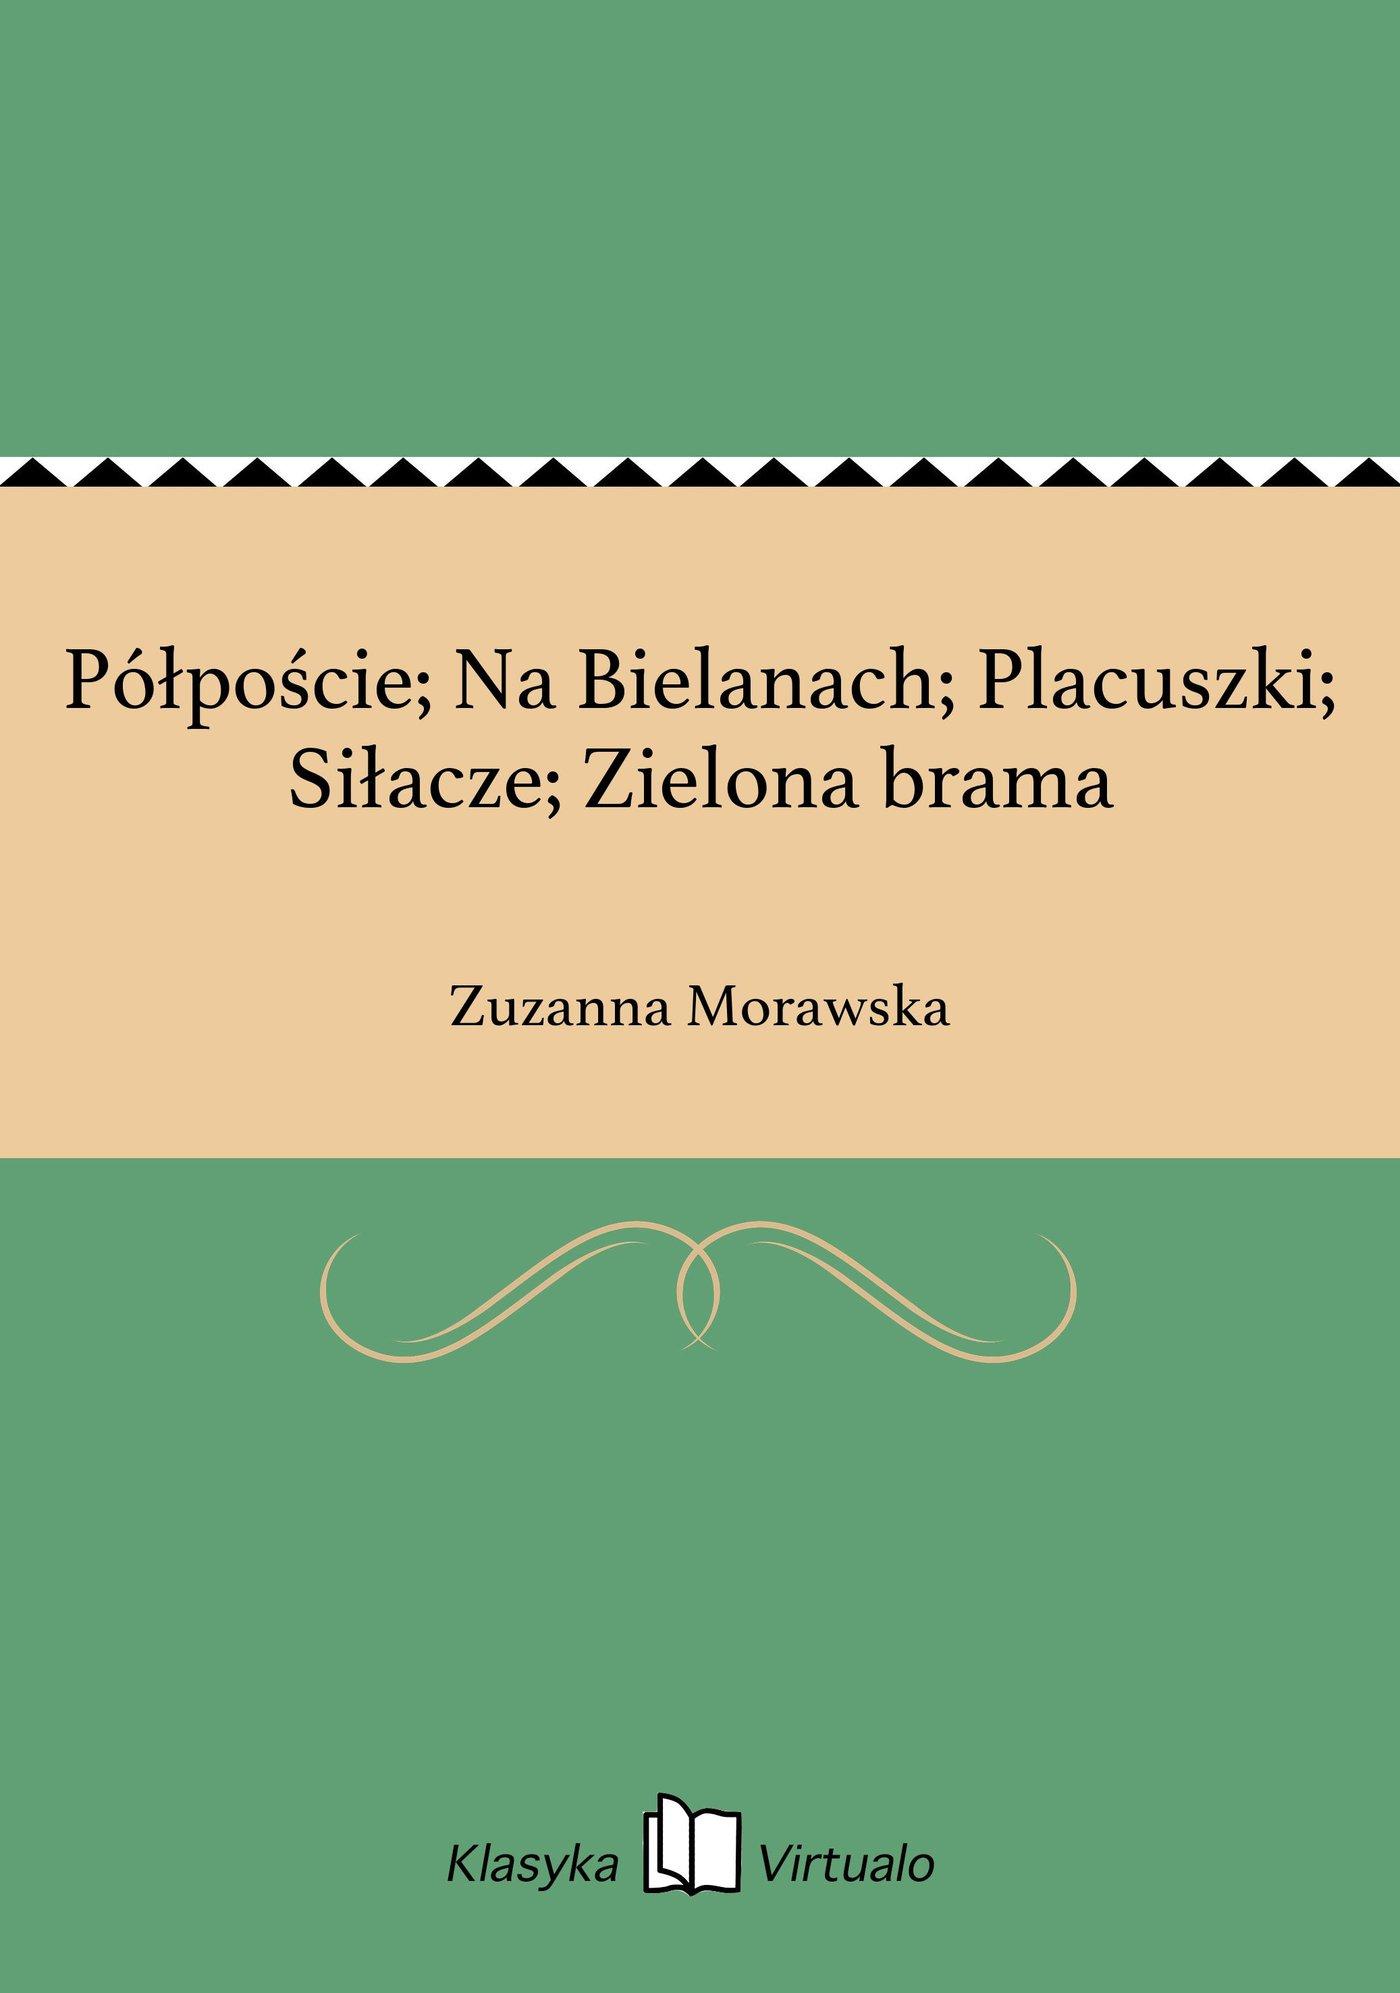 Półpoście; Na Bielanach; Placuszki; Siłacze; Zielona brama - Ebook (Książka na Kindle) do pobrania w formacie MOBI